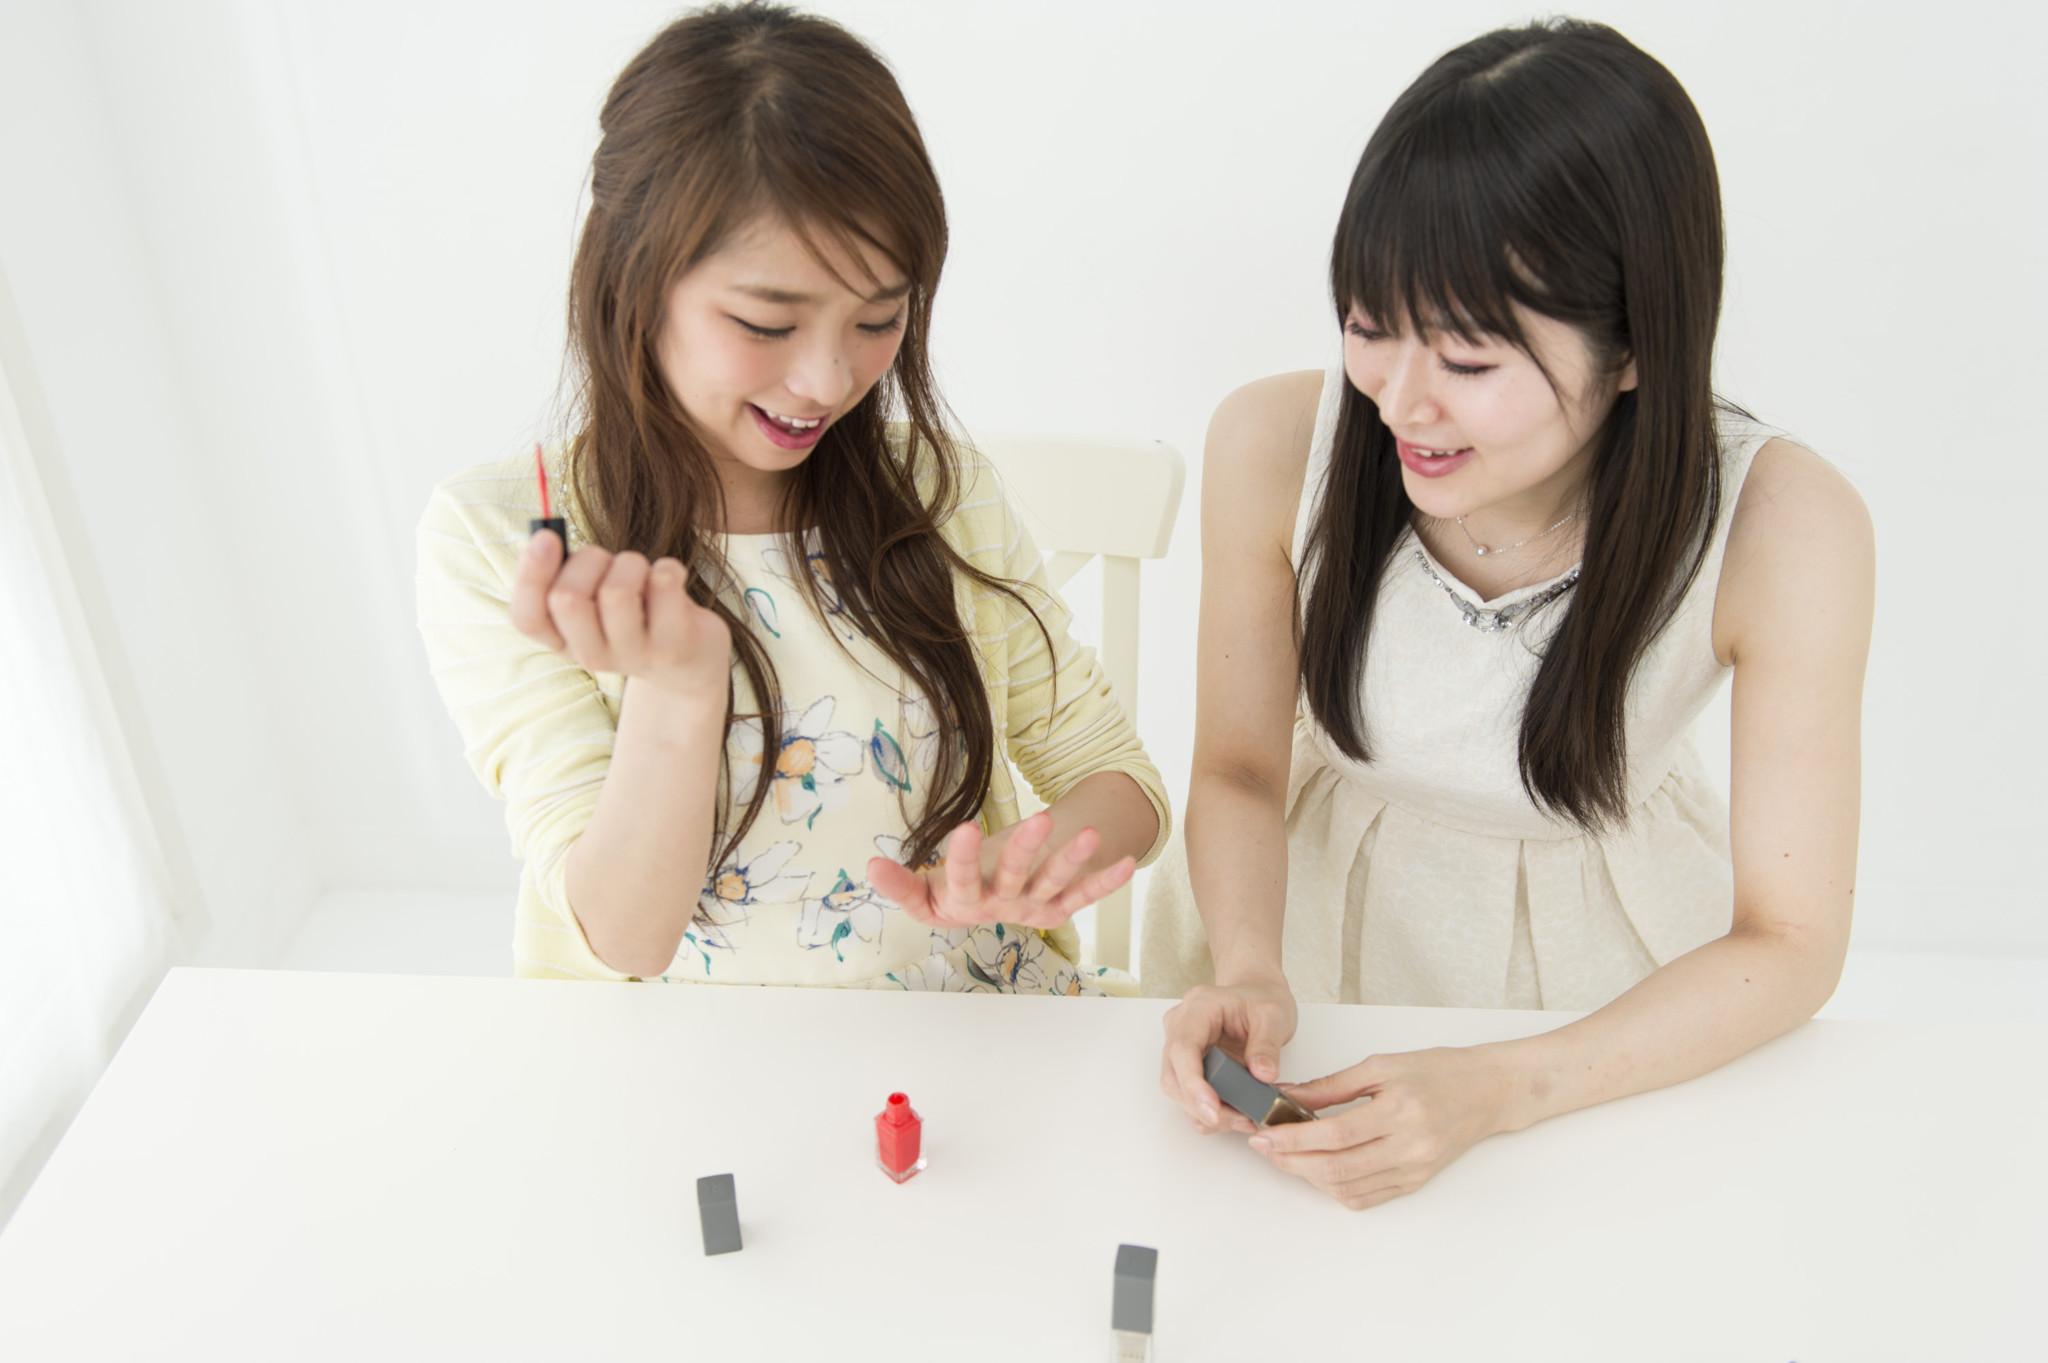 左から、鷲巣喜美さん(no.114、29歳・サービス業)、古角夕貴さん(no.238、26歳・モデル)